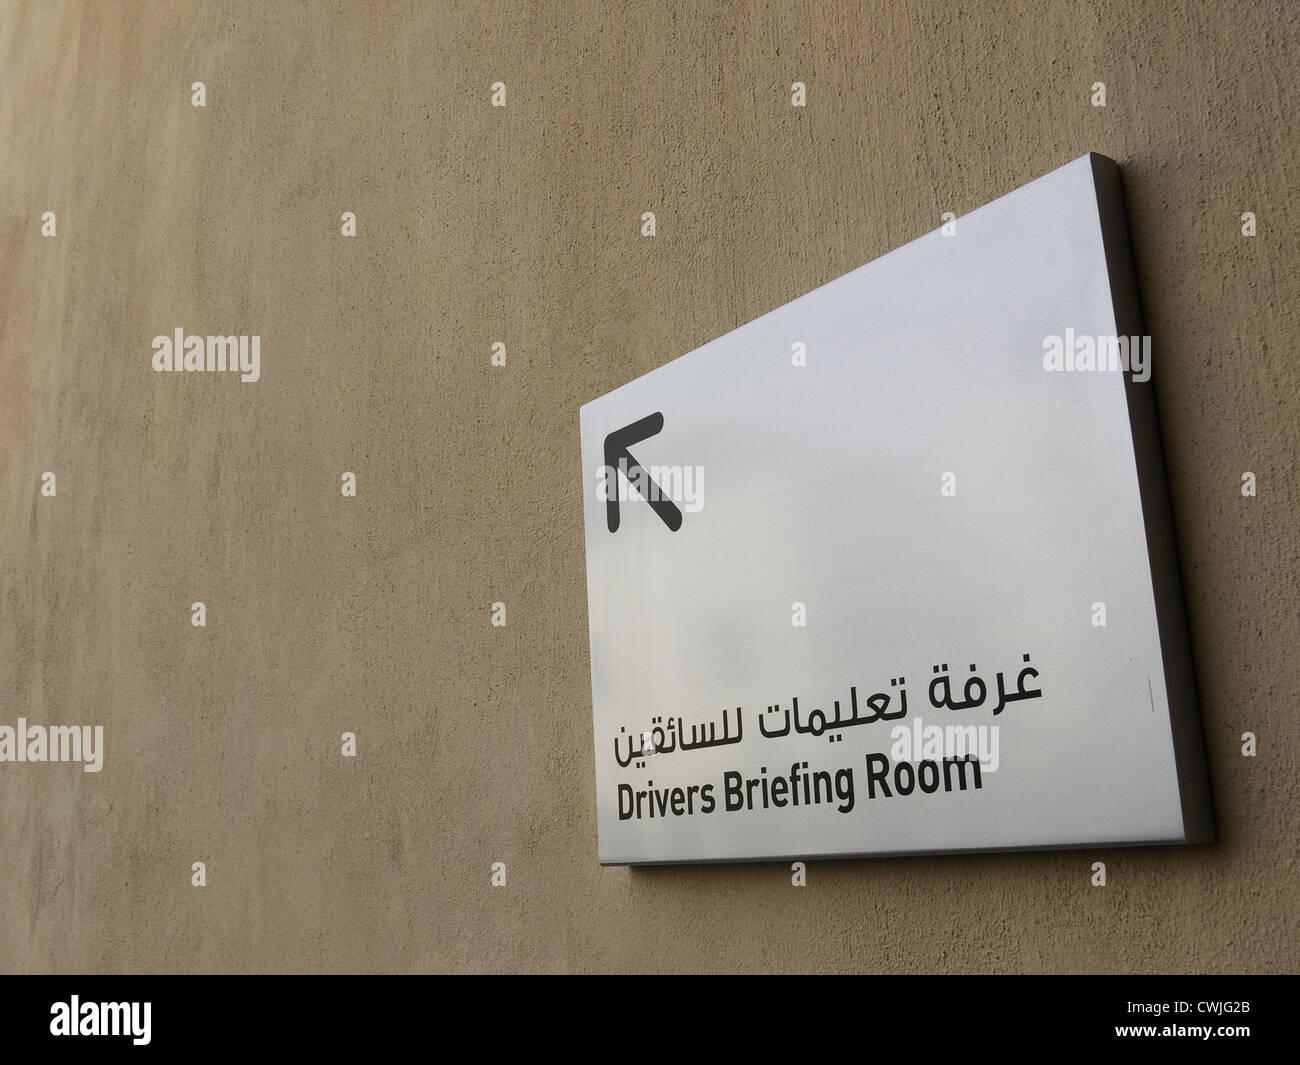 Un signe au circuit de Formule 1 Yas, Yas Island, Abu Dhabi, montrant la voie à des pilotes briefing room. Photo Stock